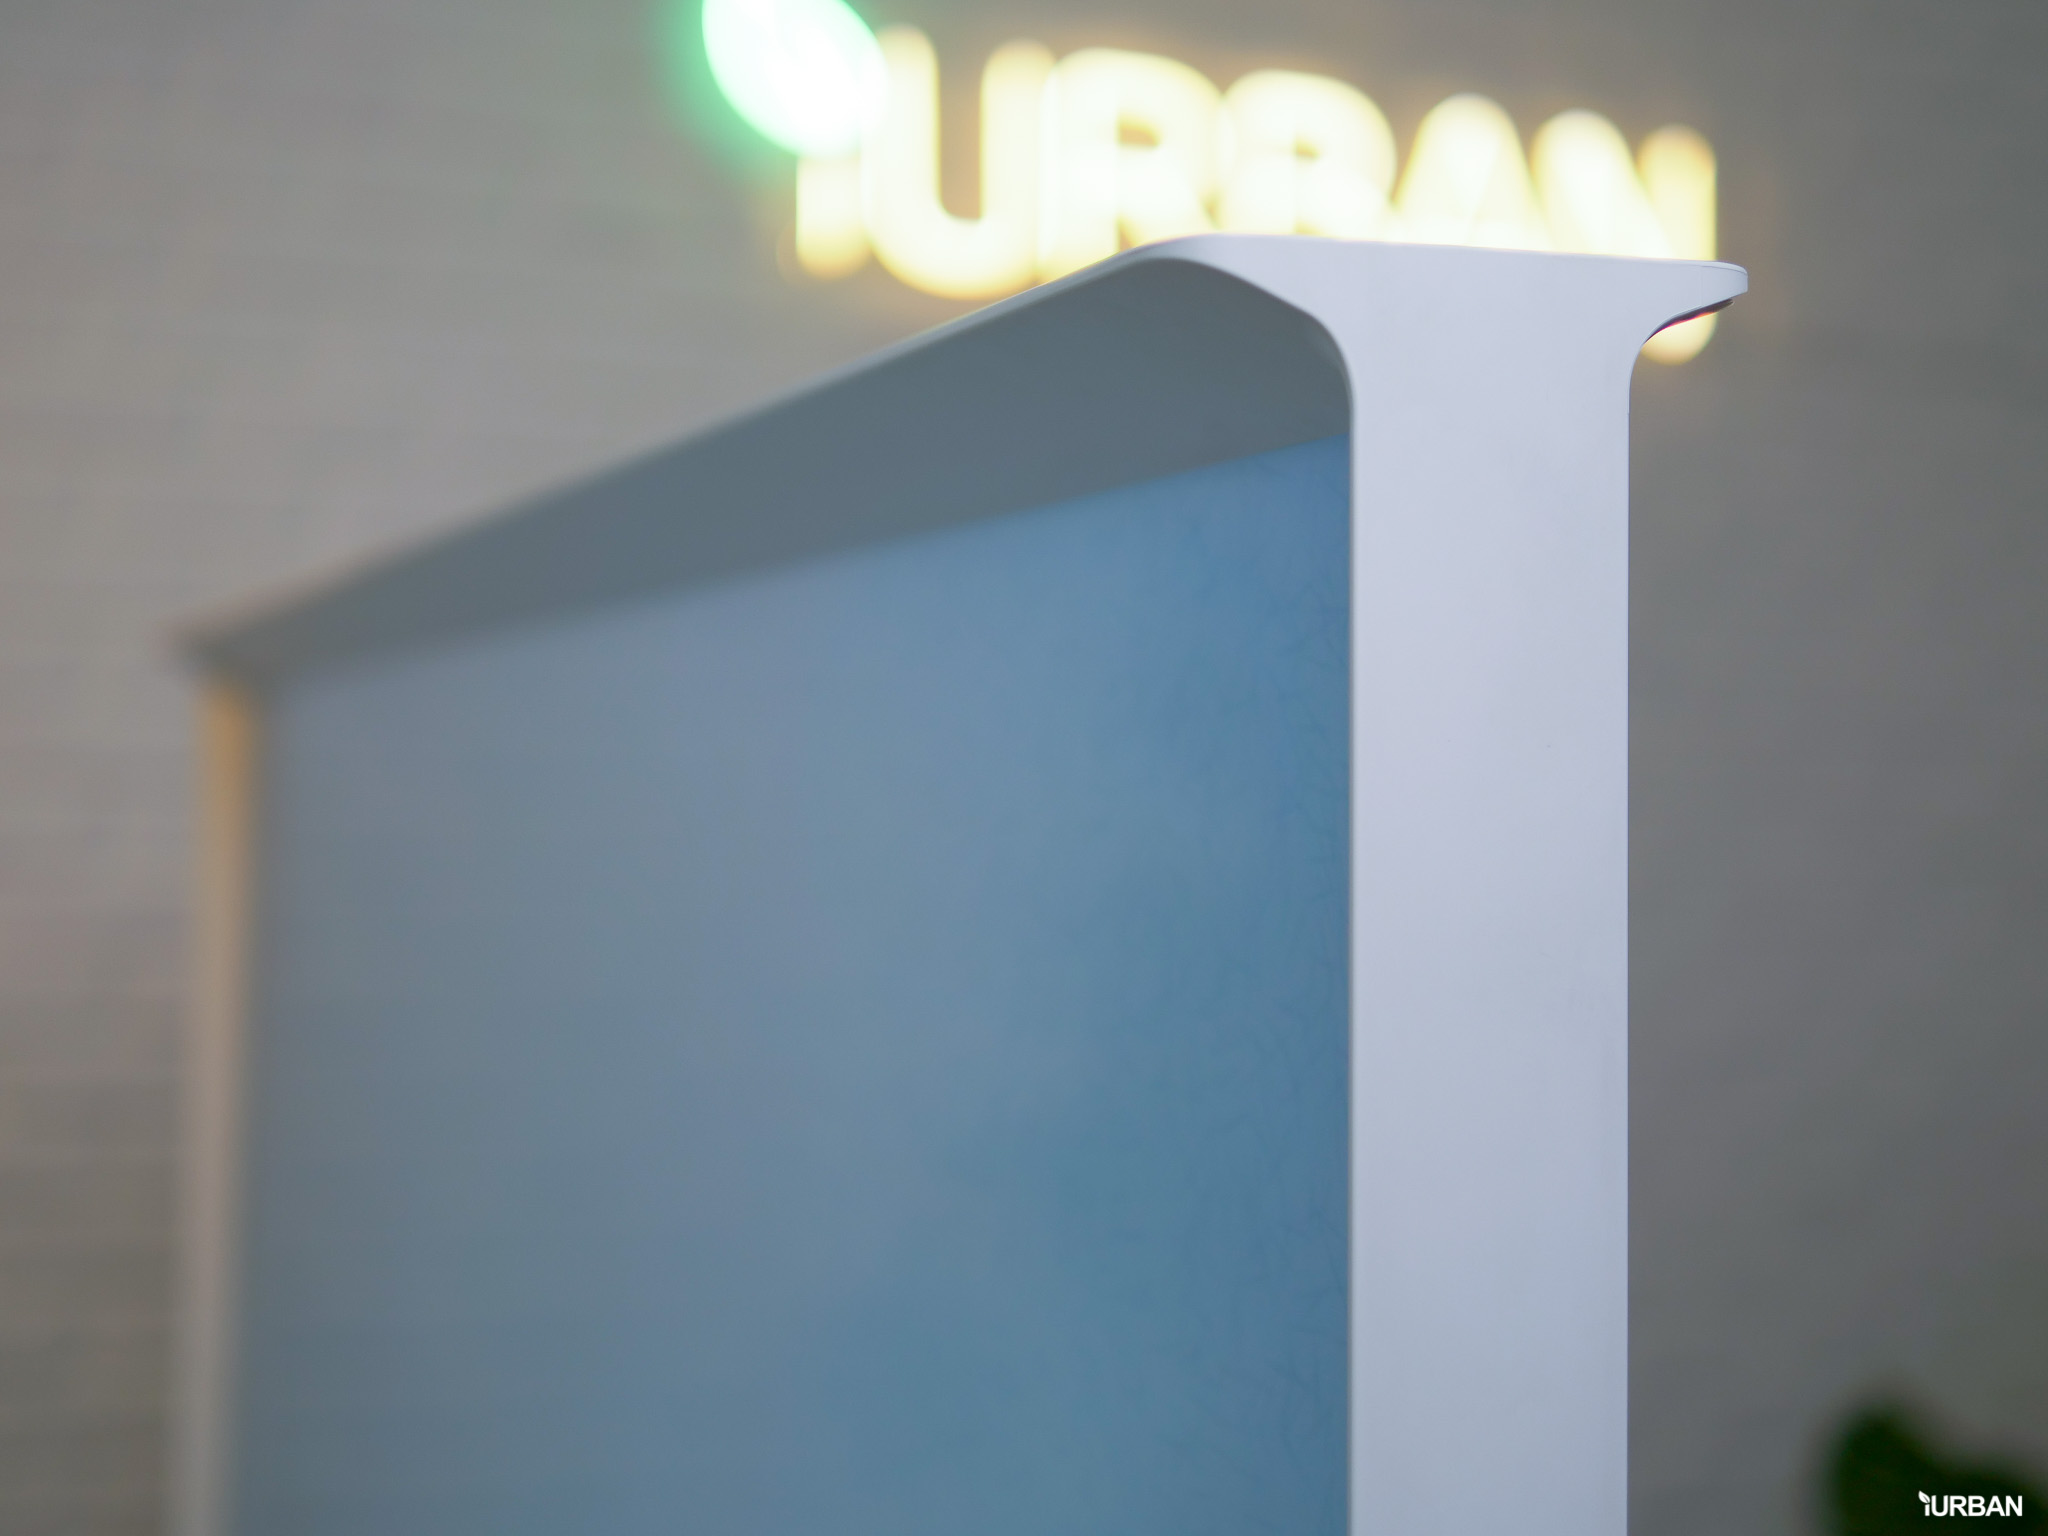 รีวิว 3 ทีวีที่สวยที่สุดเจนเนอเรชั่นนี้ The Frame The Serif และ The Sero 47 - decor